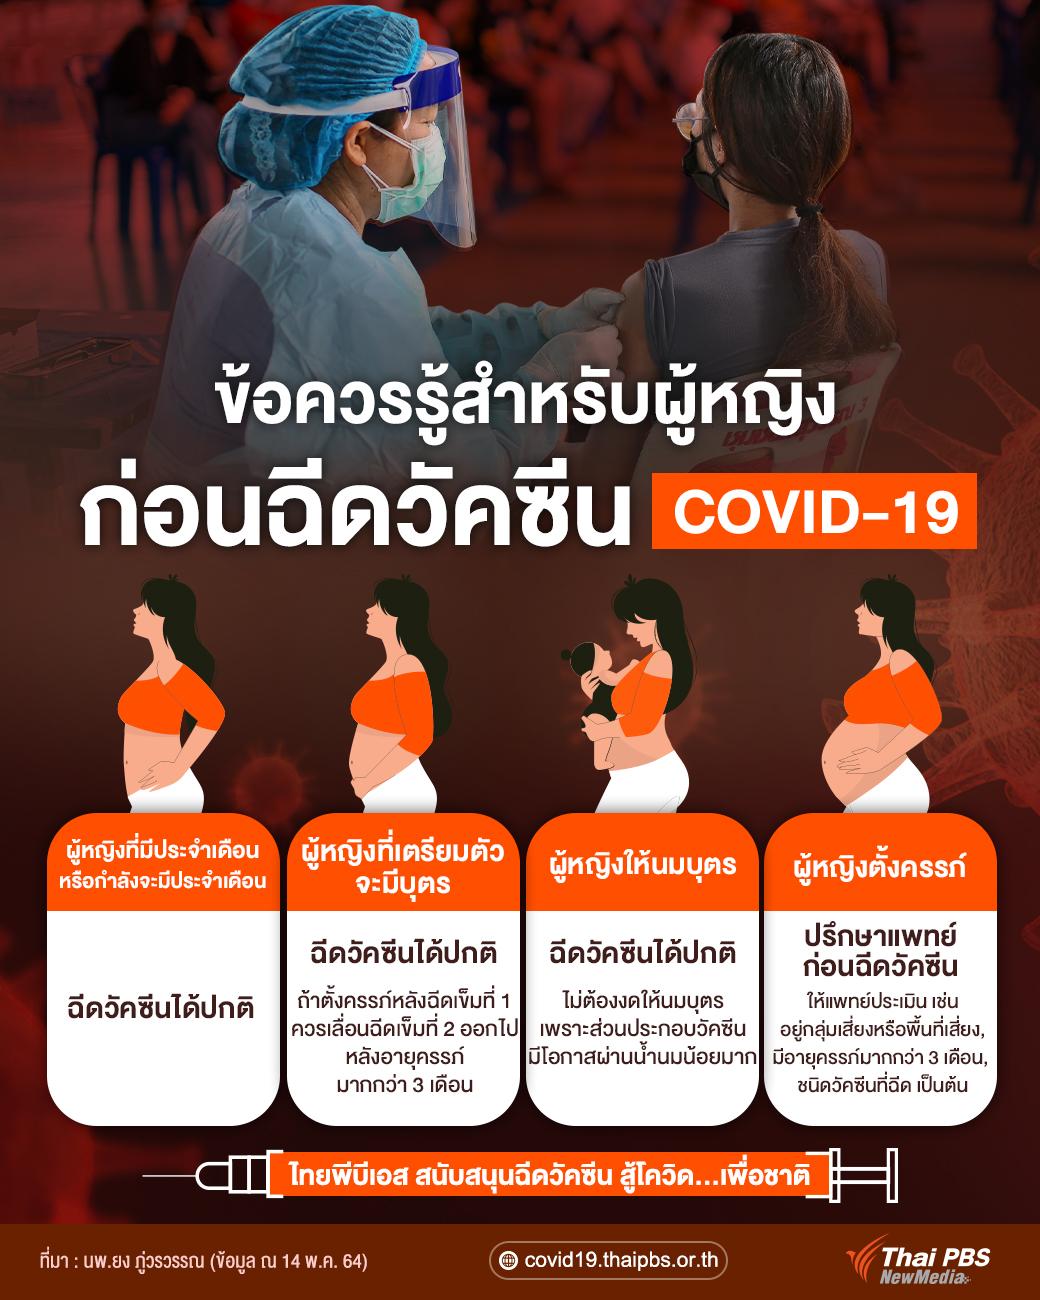 ข้อควรรู้สำหรับผู้หญิงก่อนฉีดวัคซีน COVID-19